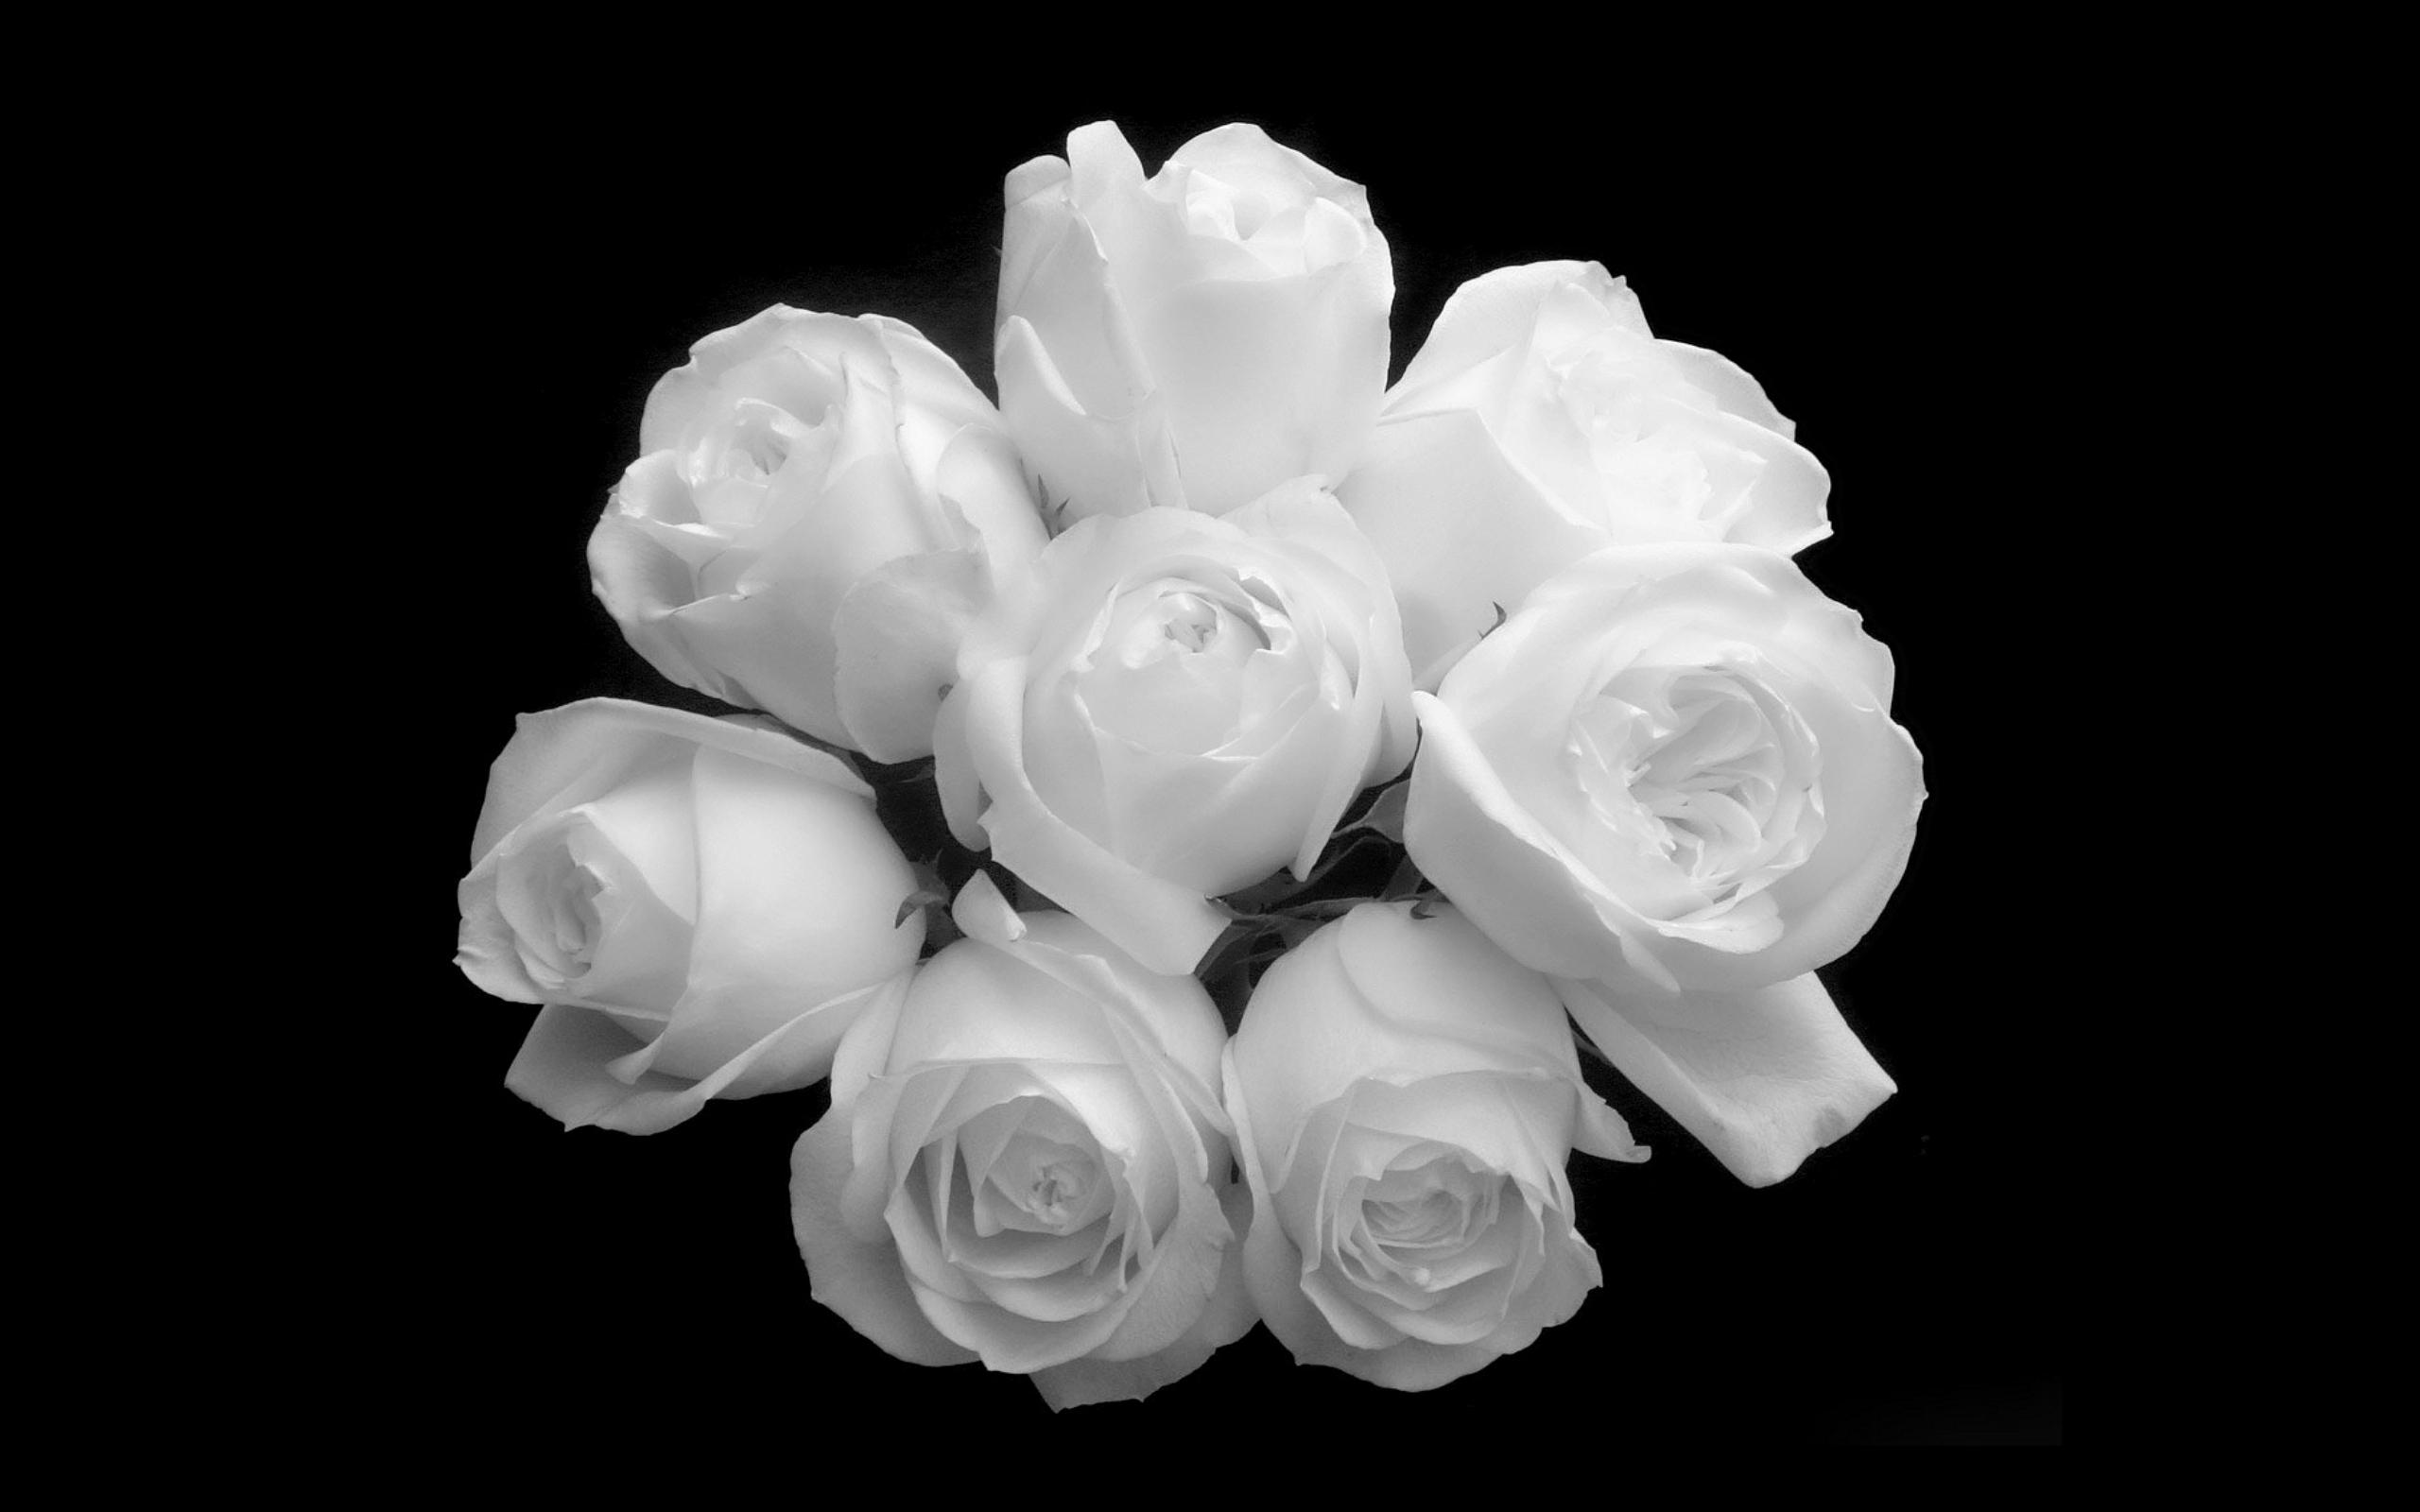 White Roses Wallpaper Free